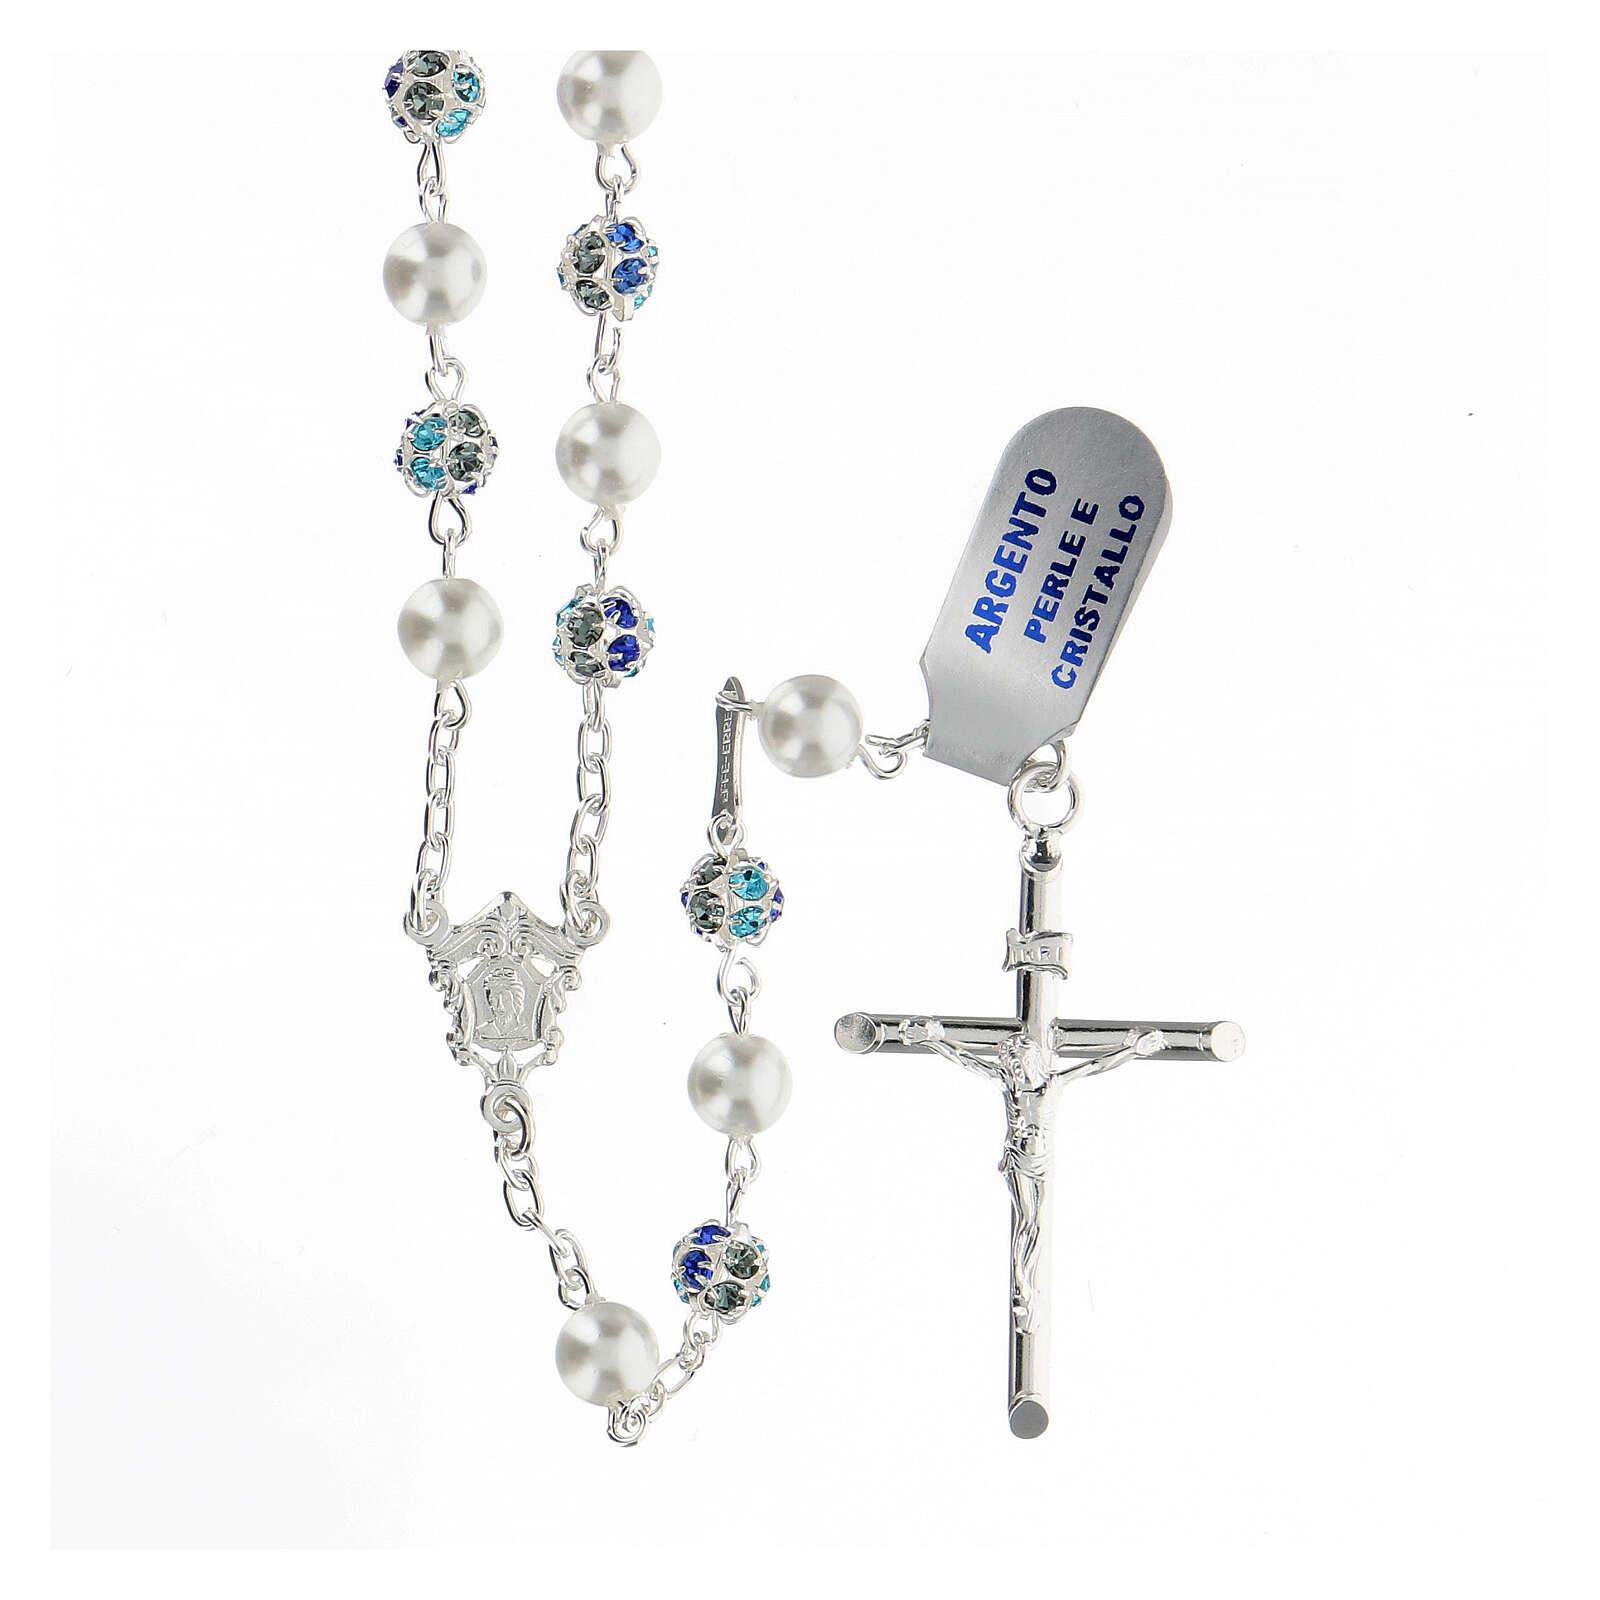 Rosario plata 925 perlas cuentas strass azul 6 mm 4